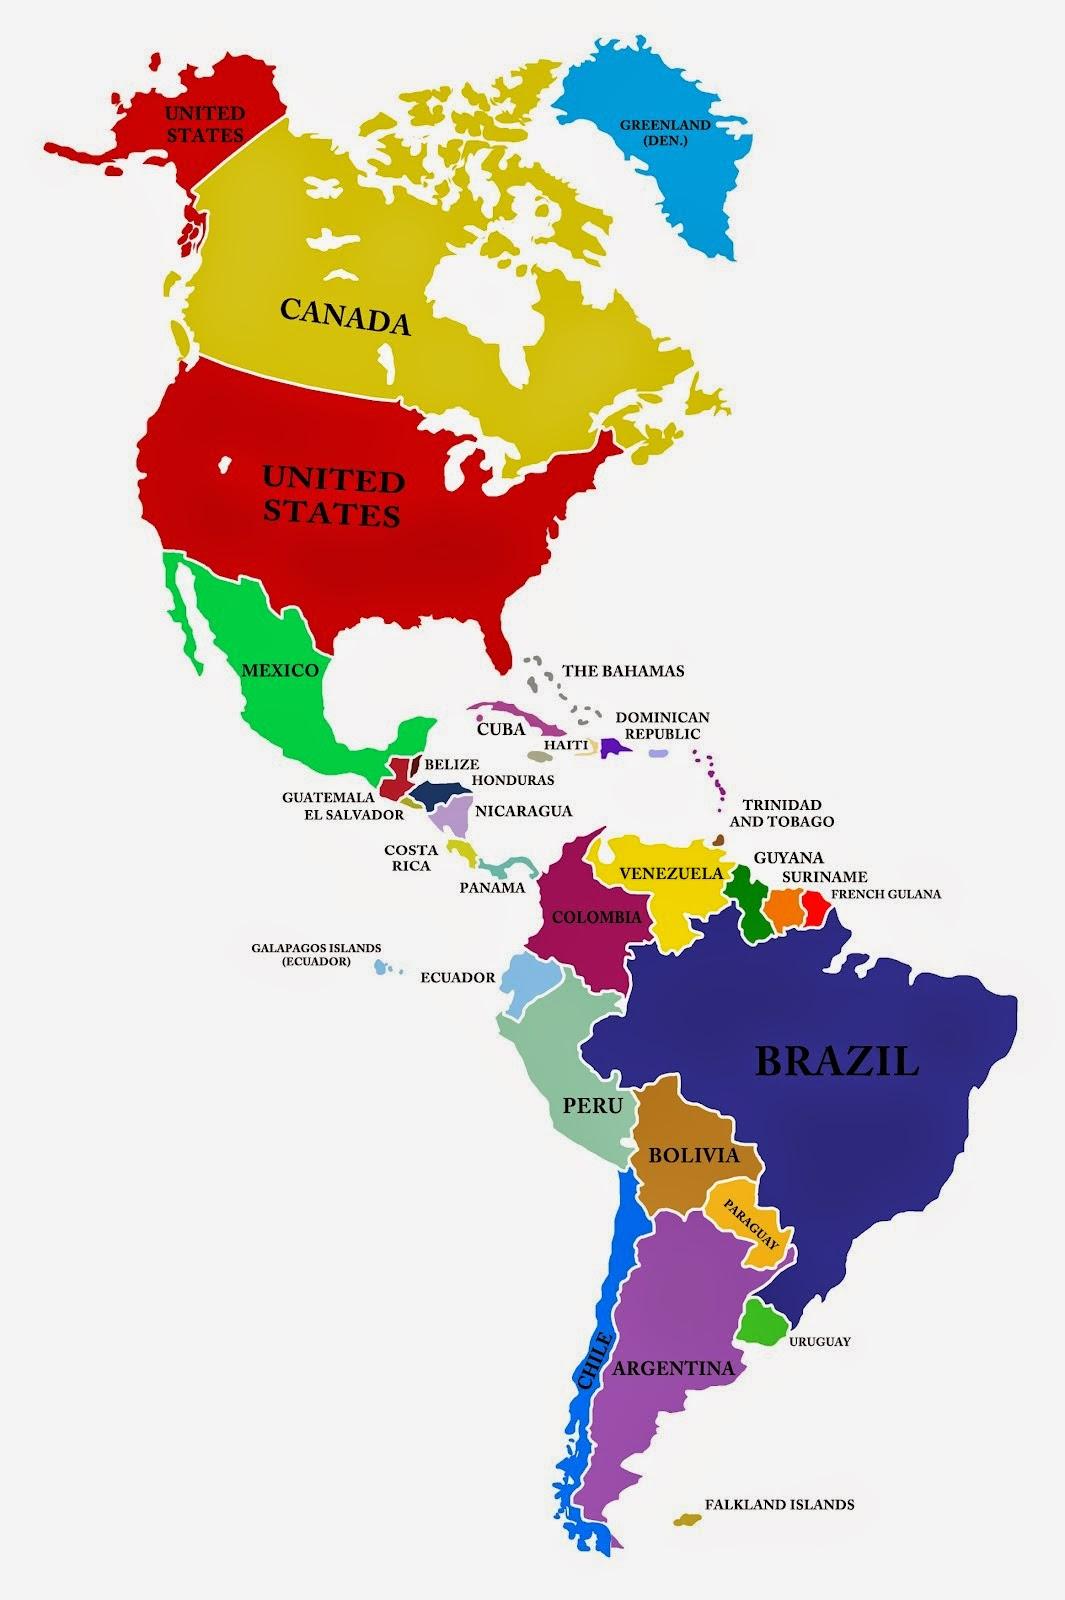 La Geografa Del Mundo Continentes pases y economas Amrica